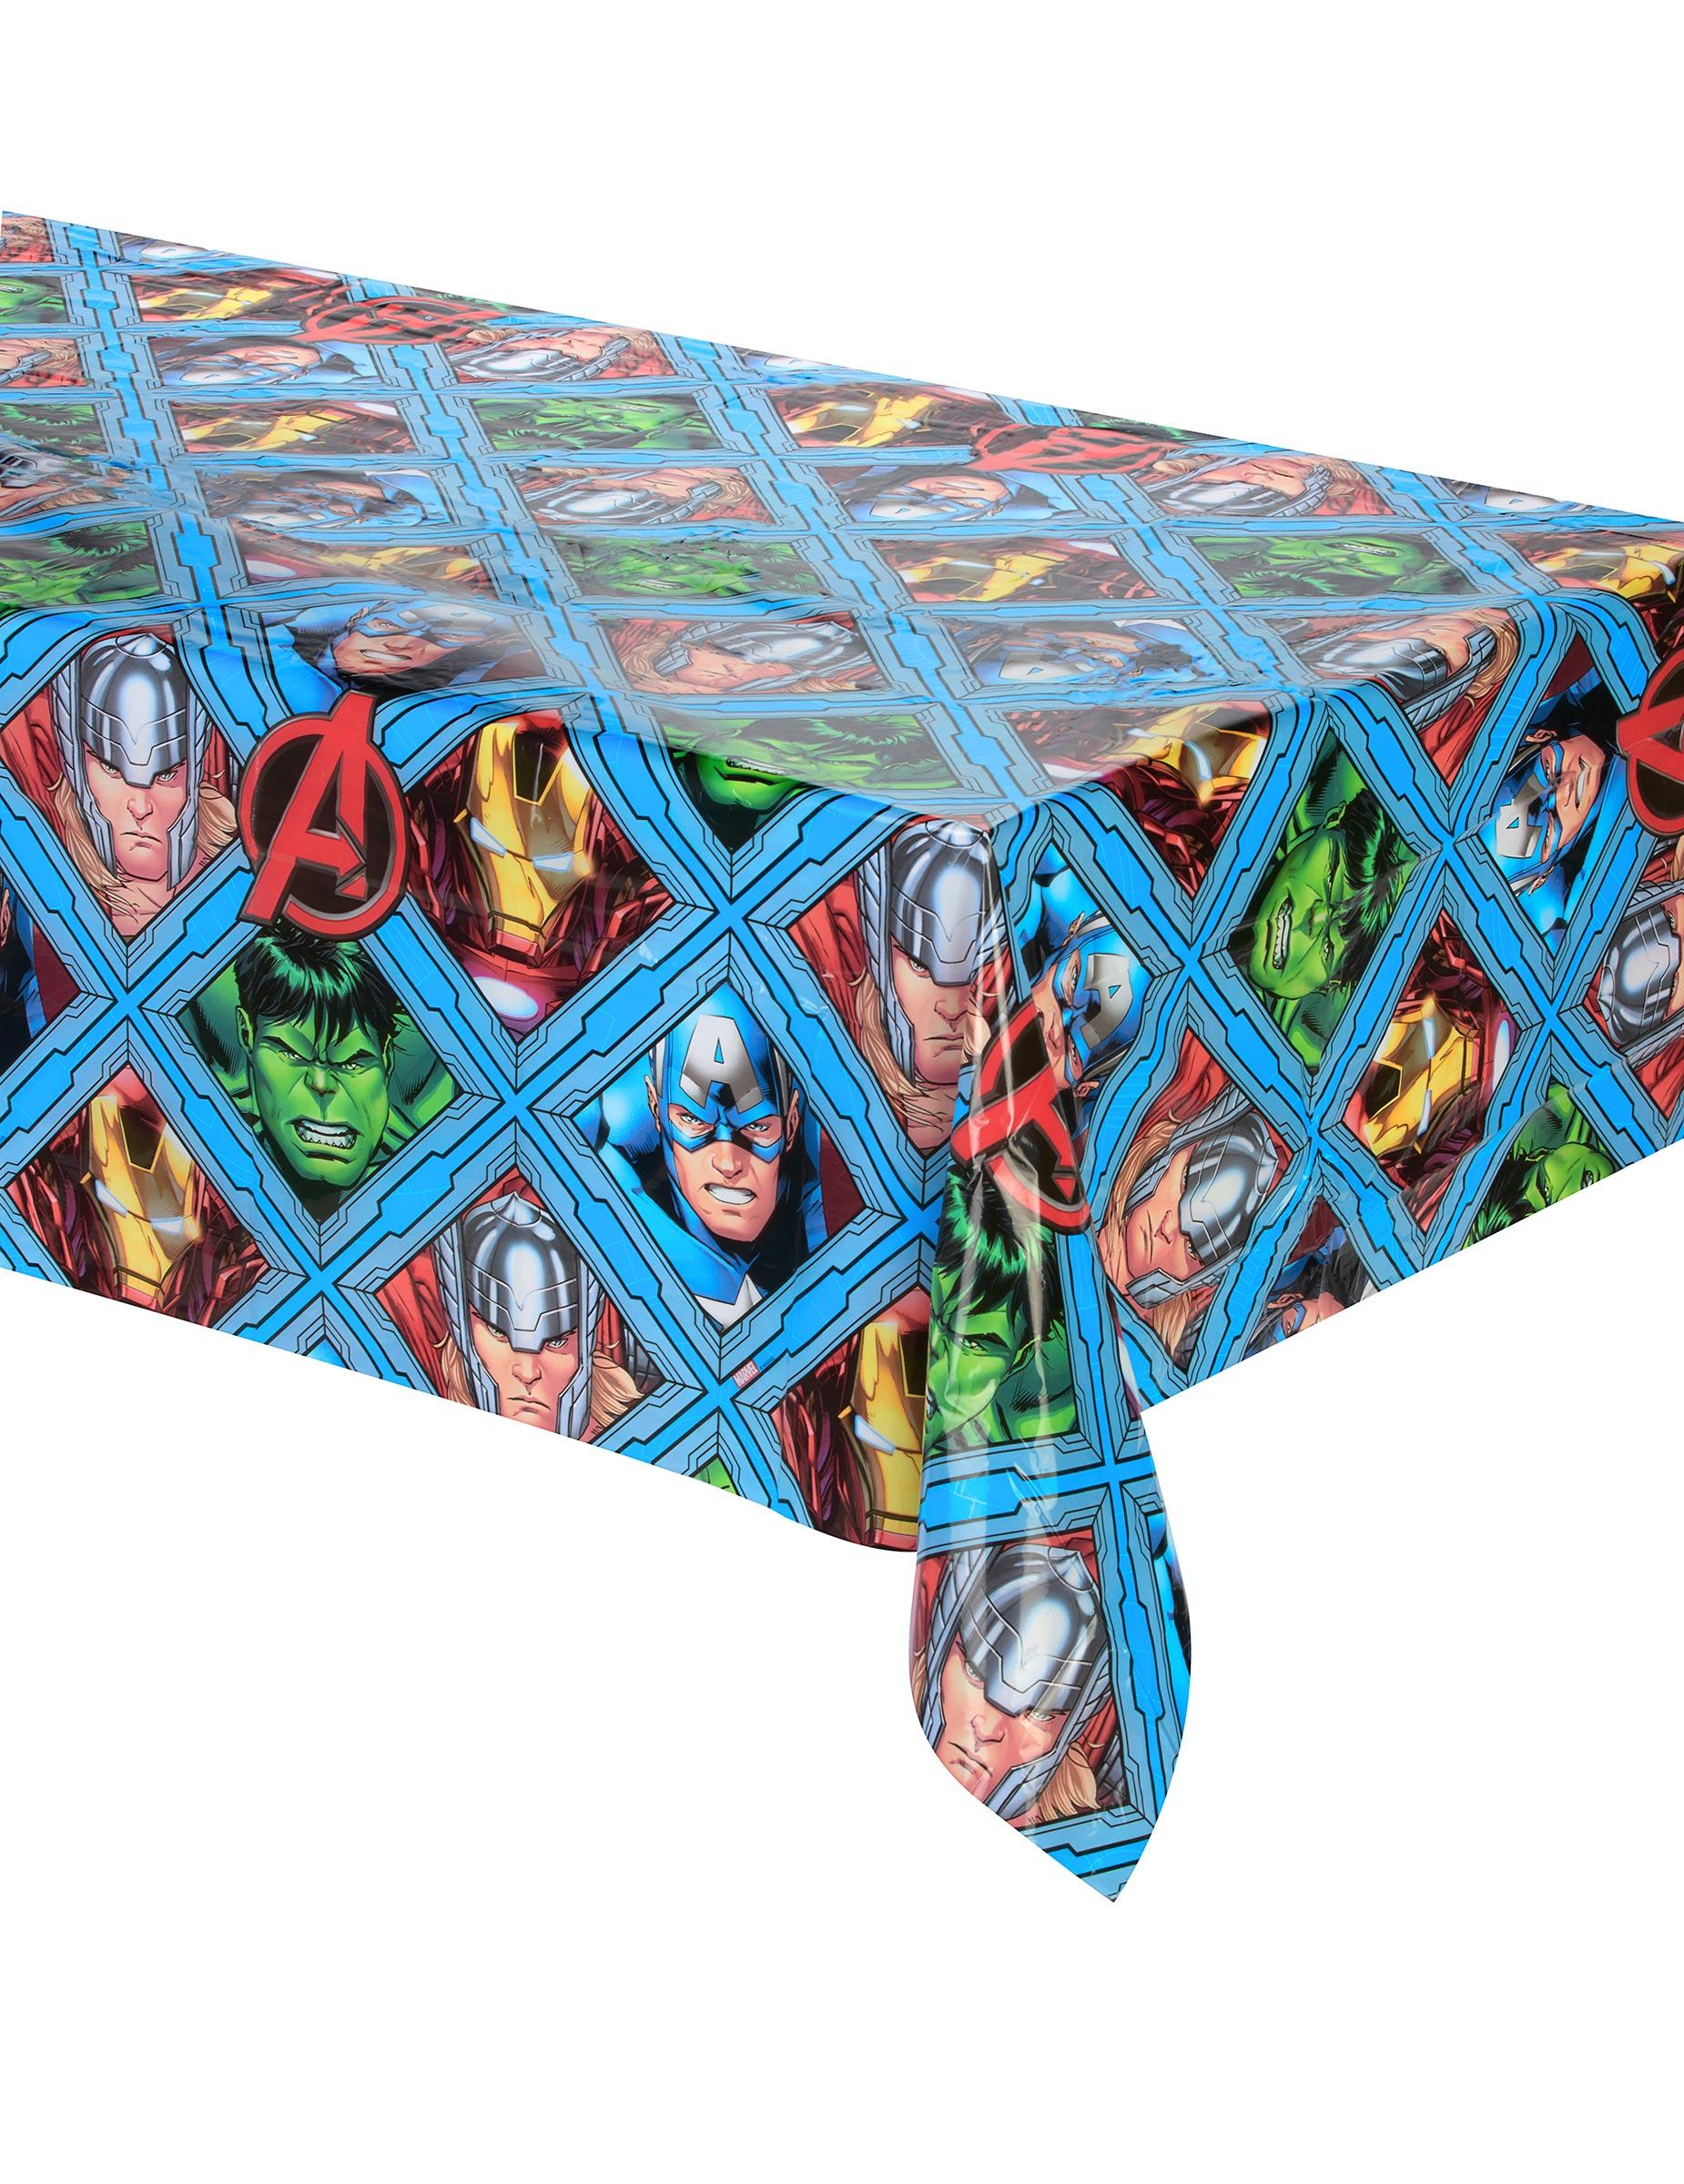 avengers tischdecke superhelden tischdeko bunt 120x180cm. Black Bedroom Furniture Sets. Home Design Ideas